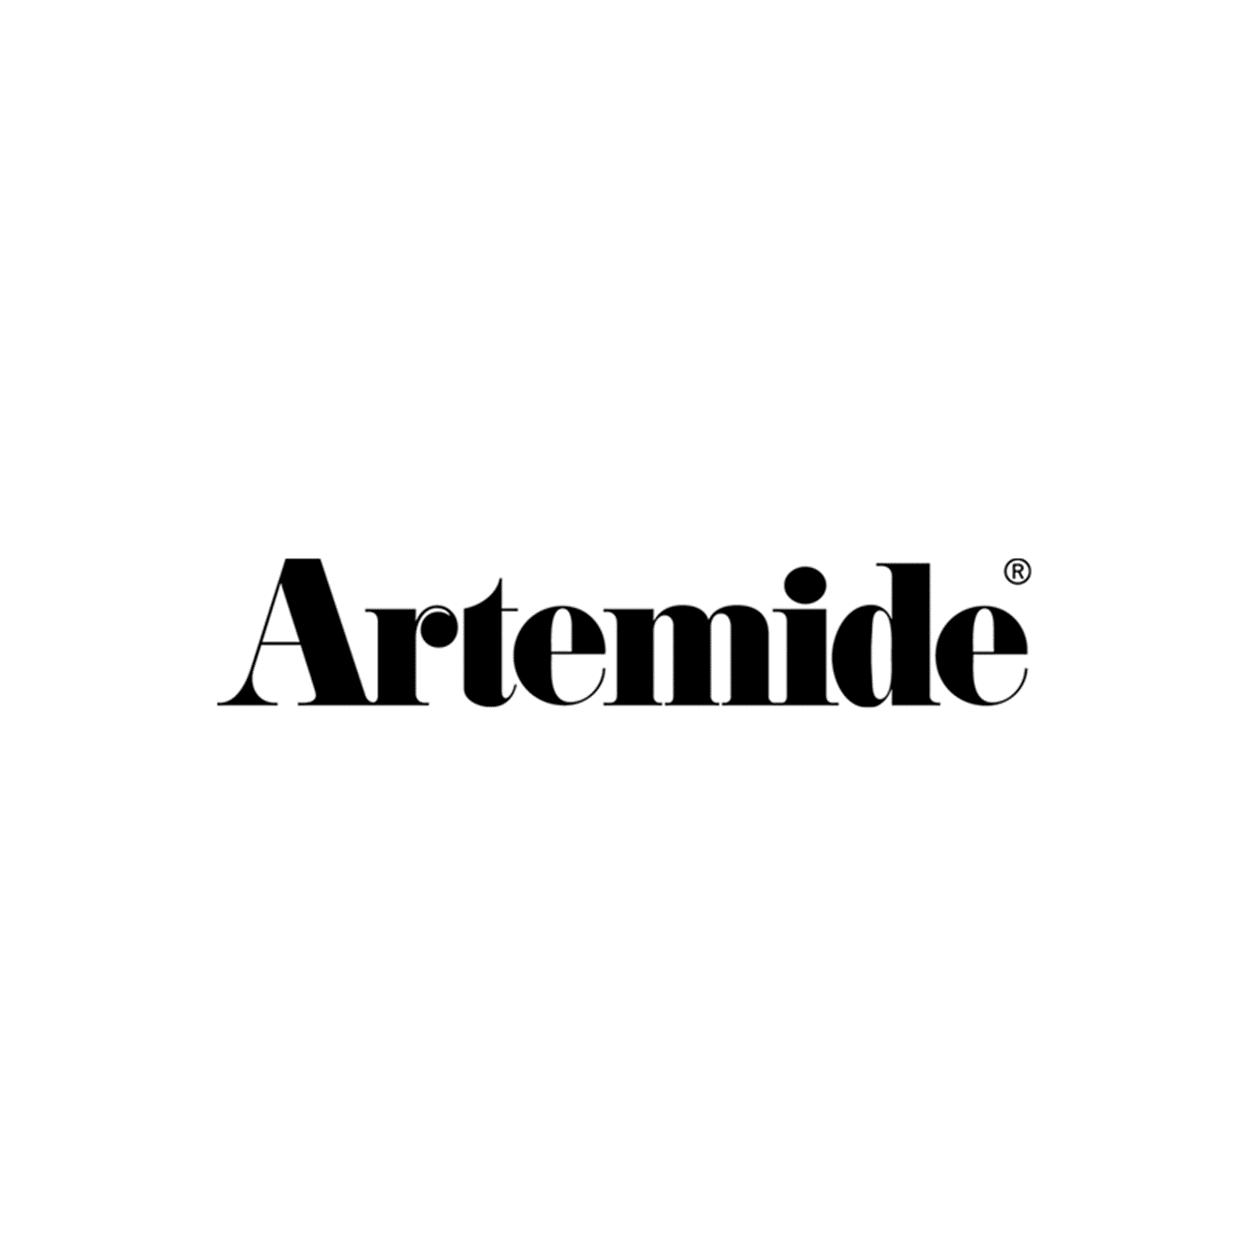 Artemide - Objekte Licht & Raum GmbH in Hamburg